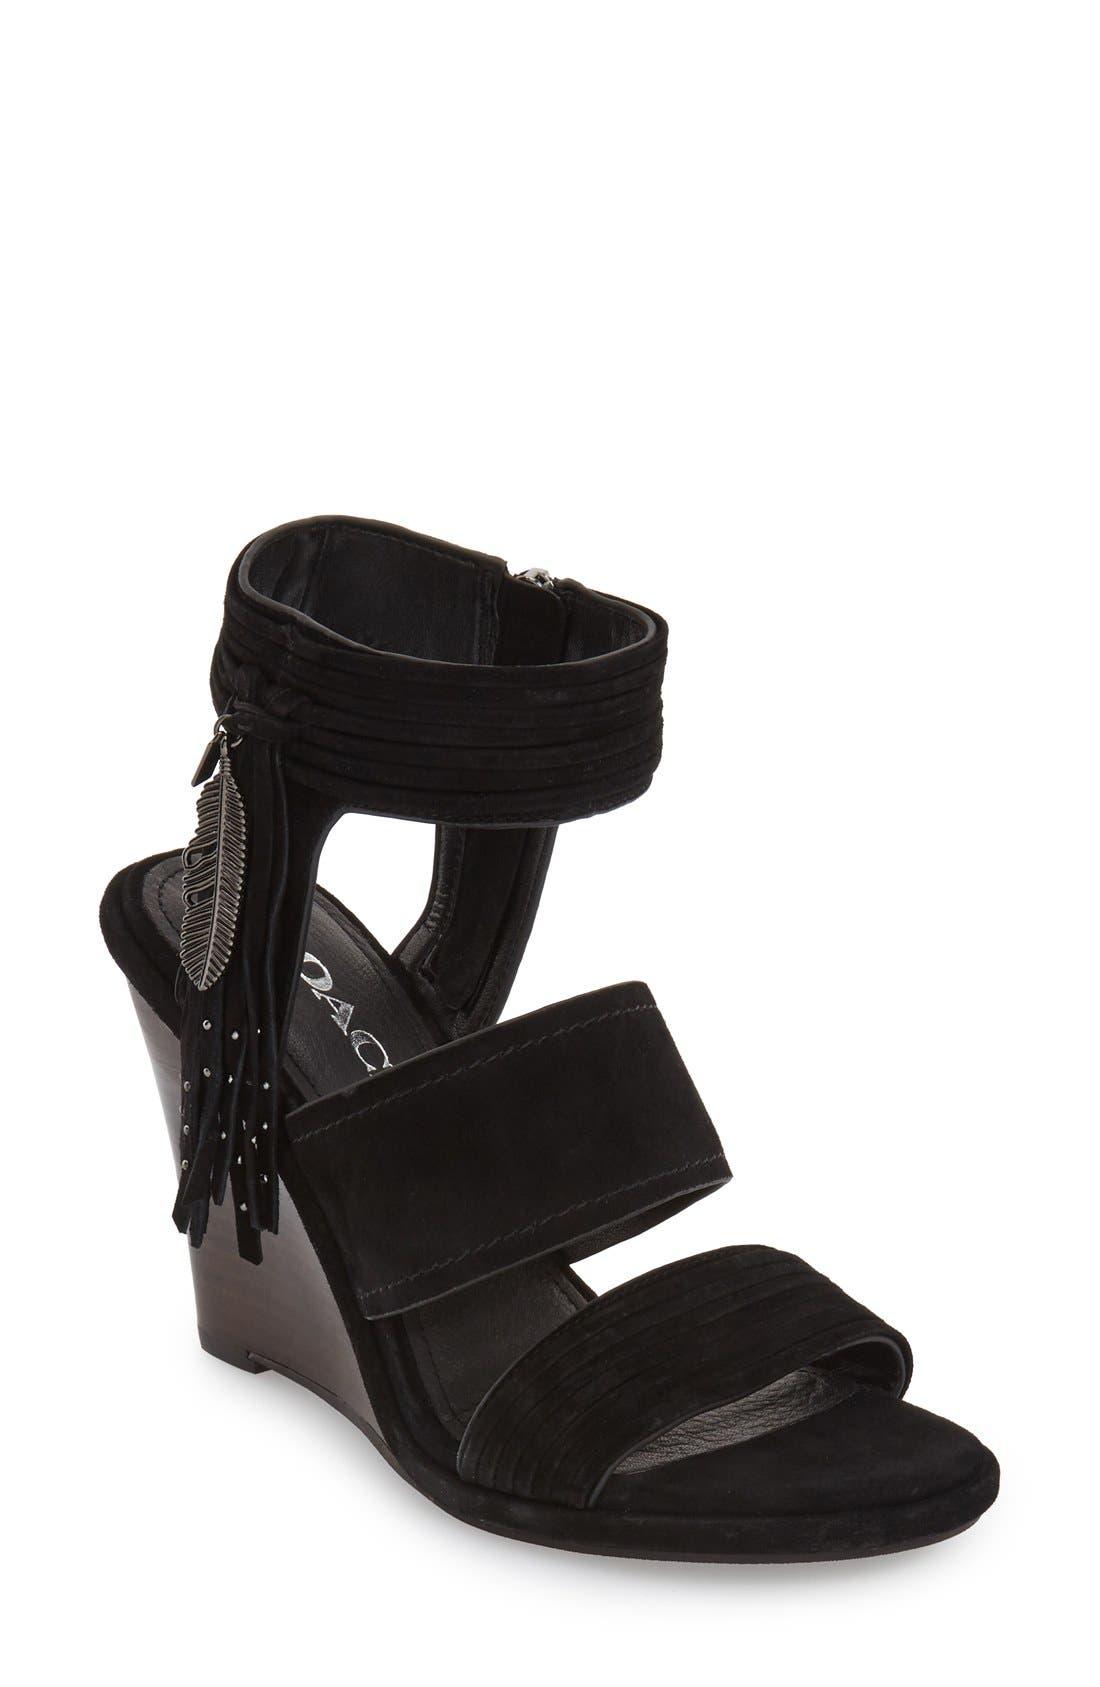 COACH 'Delaney' Fringed Wedge Sandal, Main, color, 001